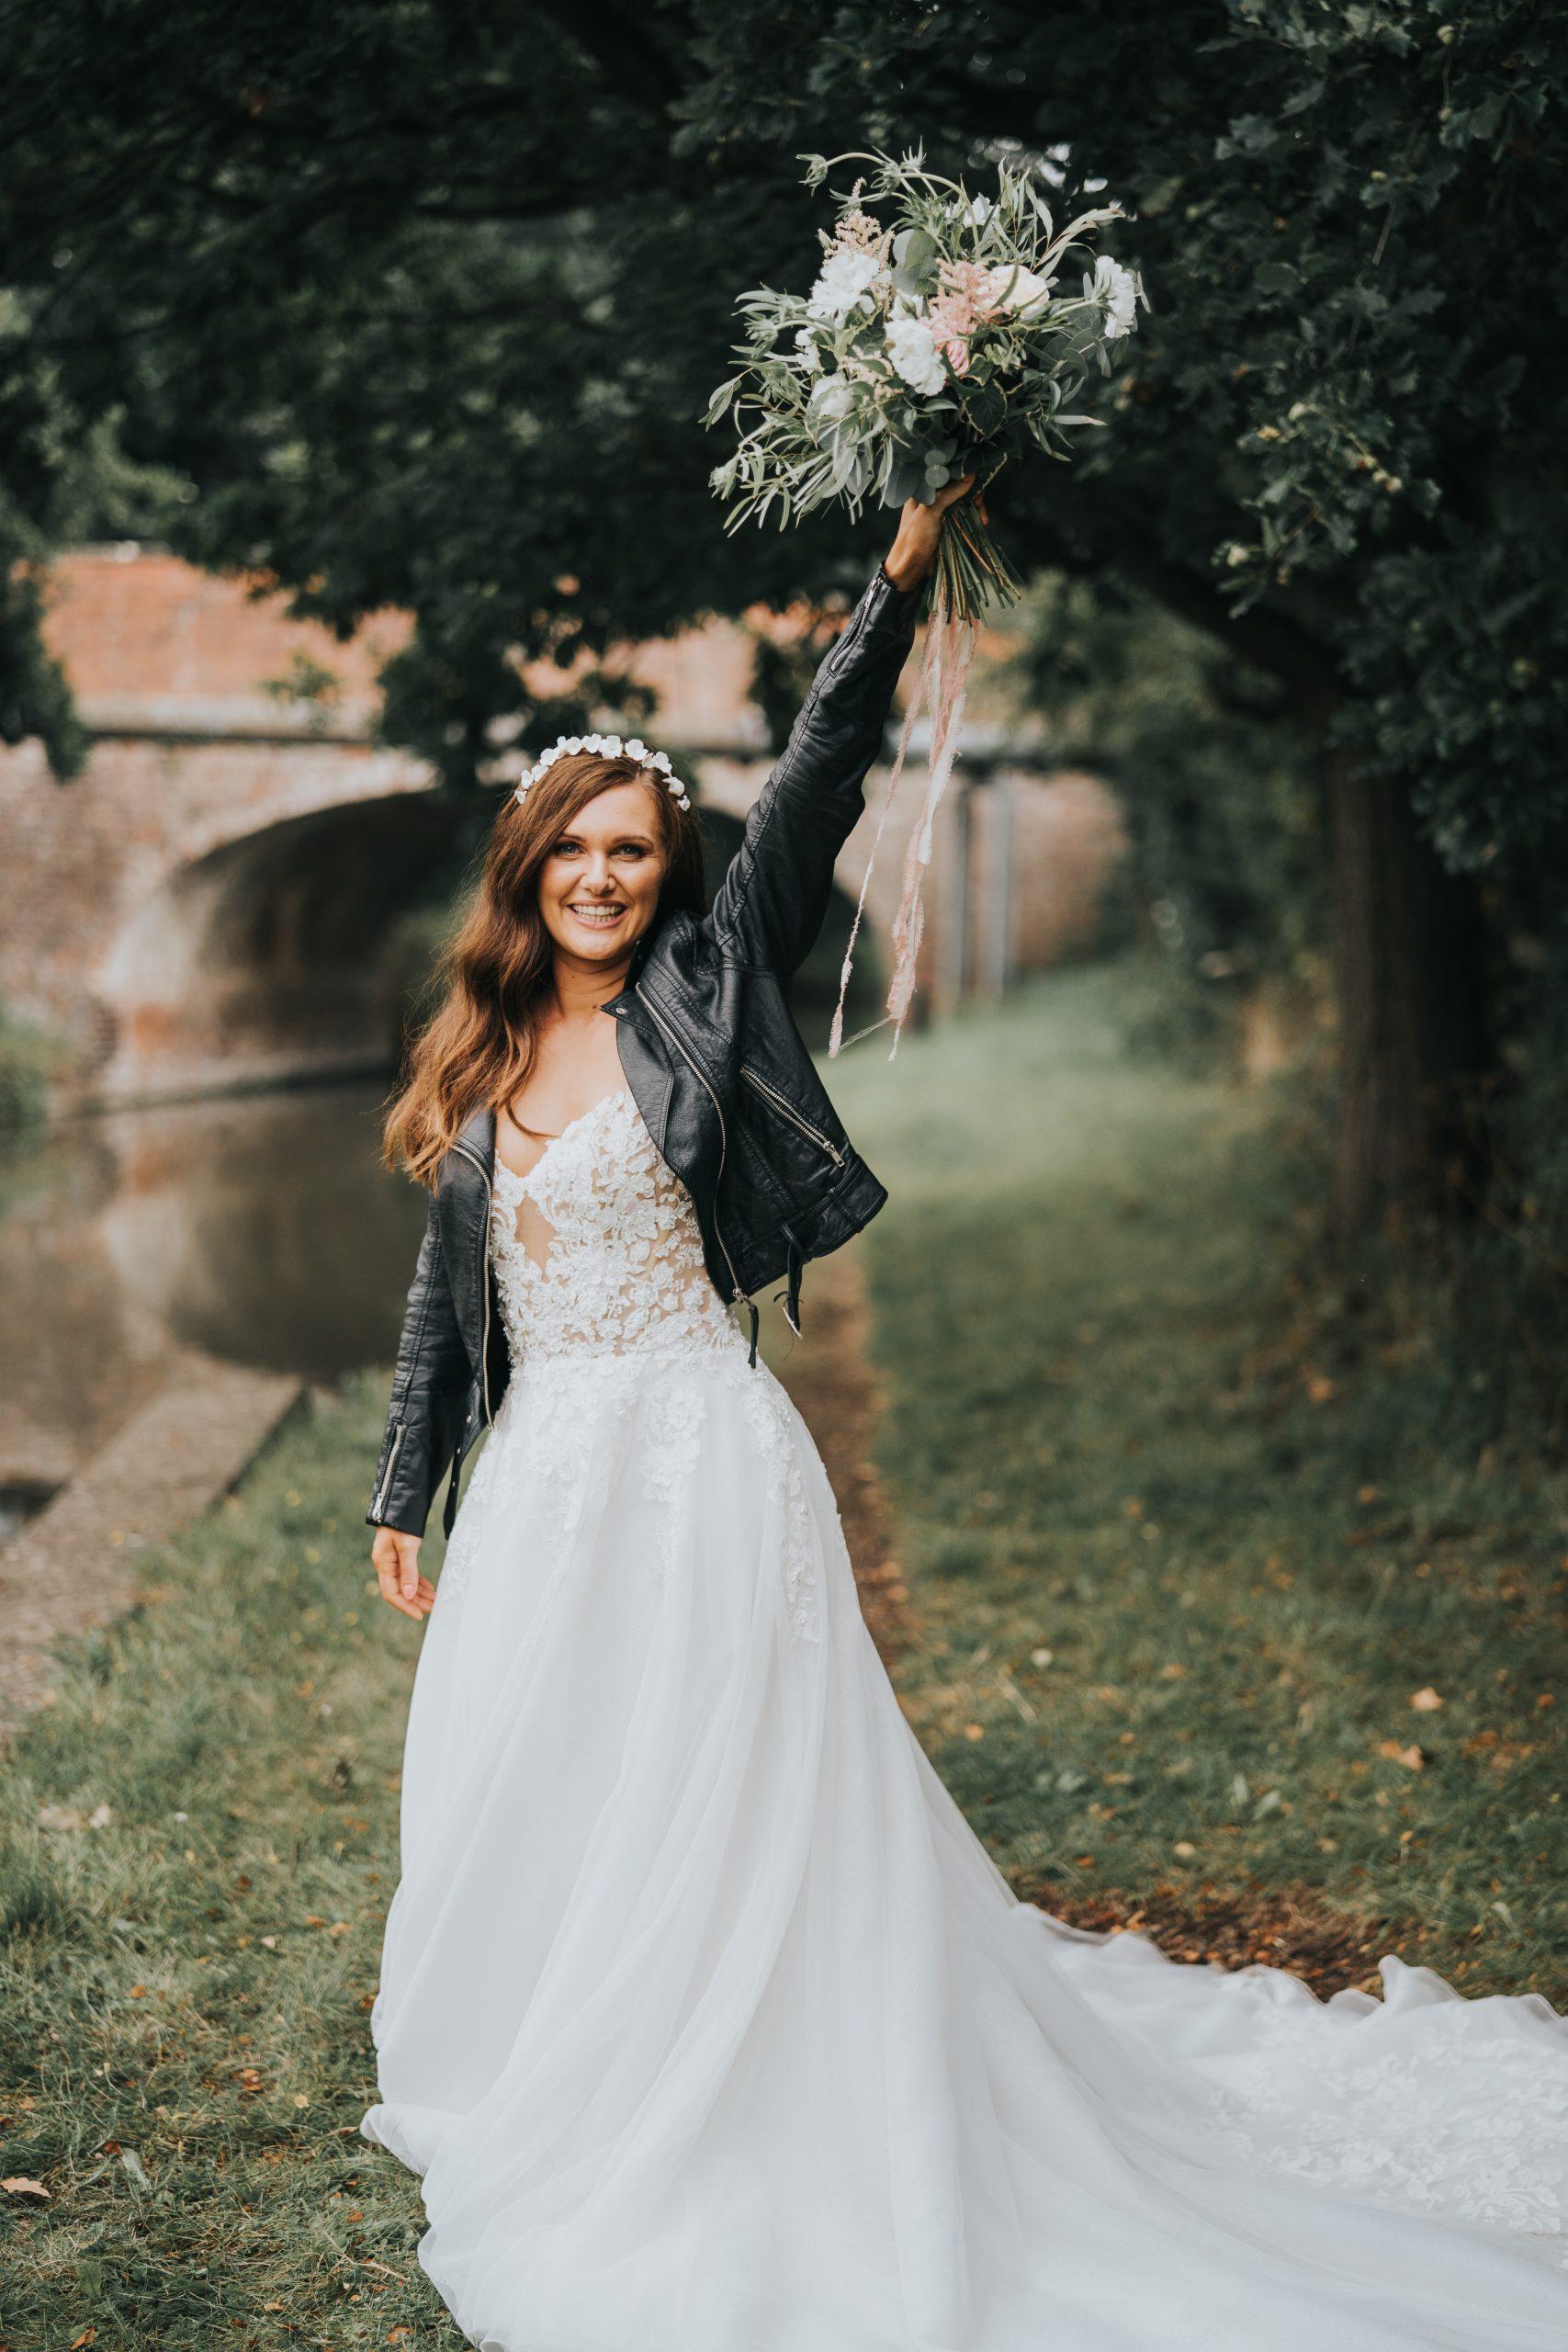 Dodmore House Styled Wedding Shoot